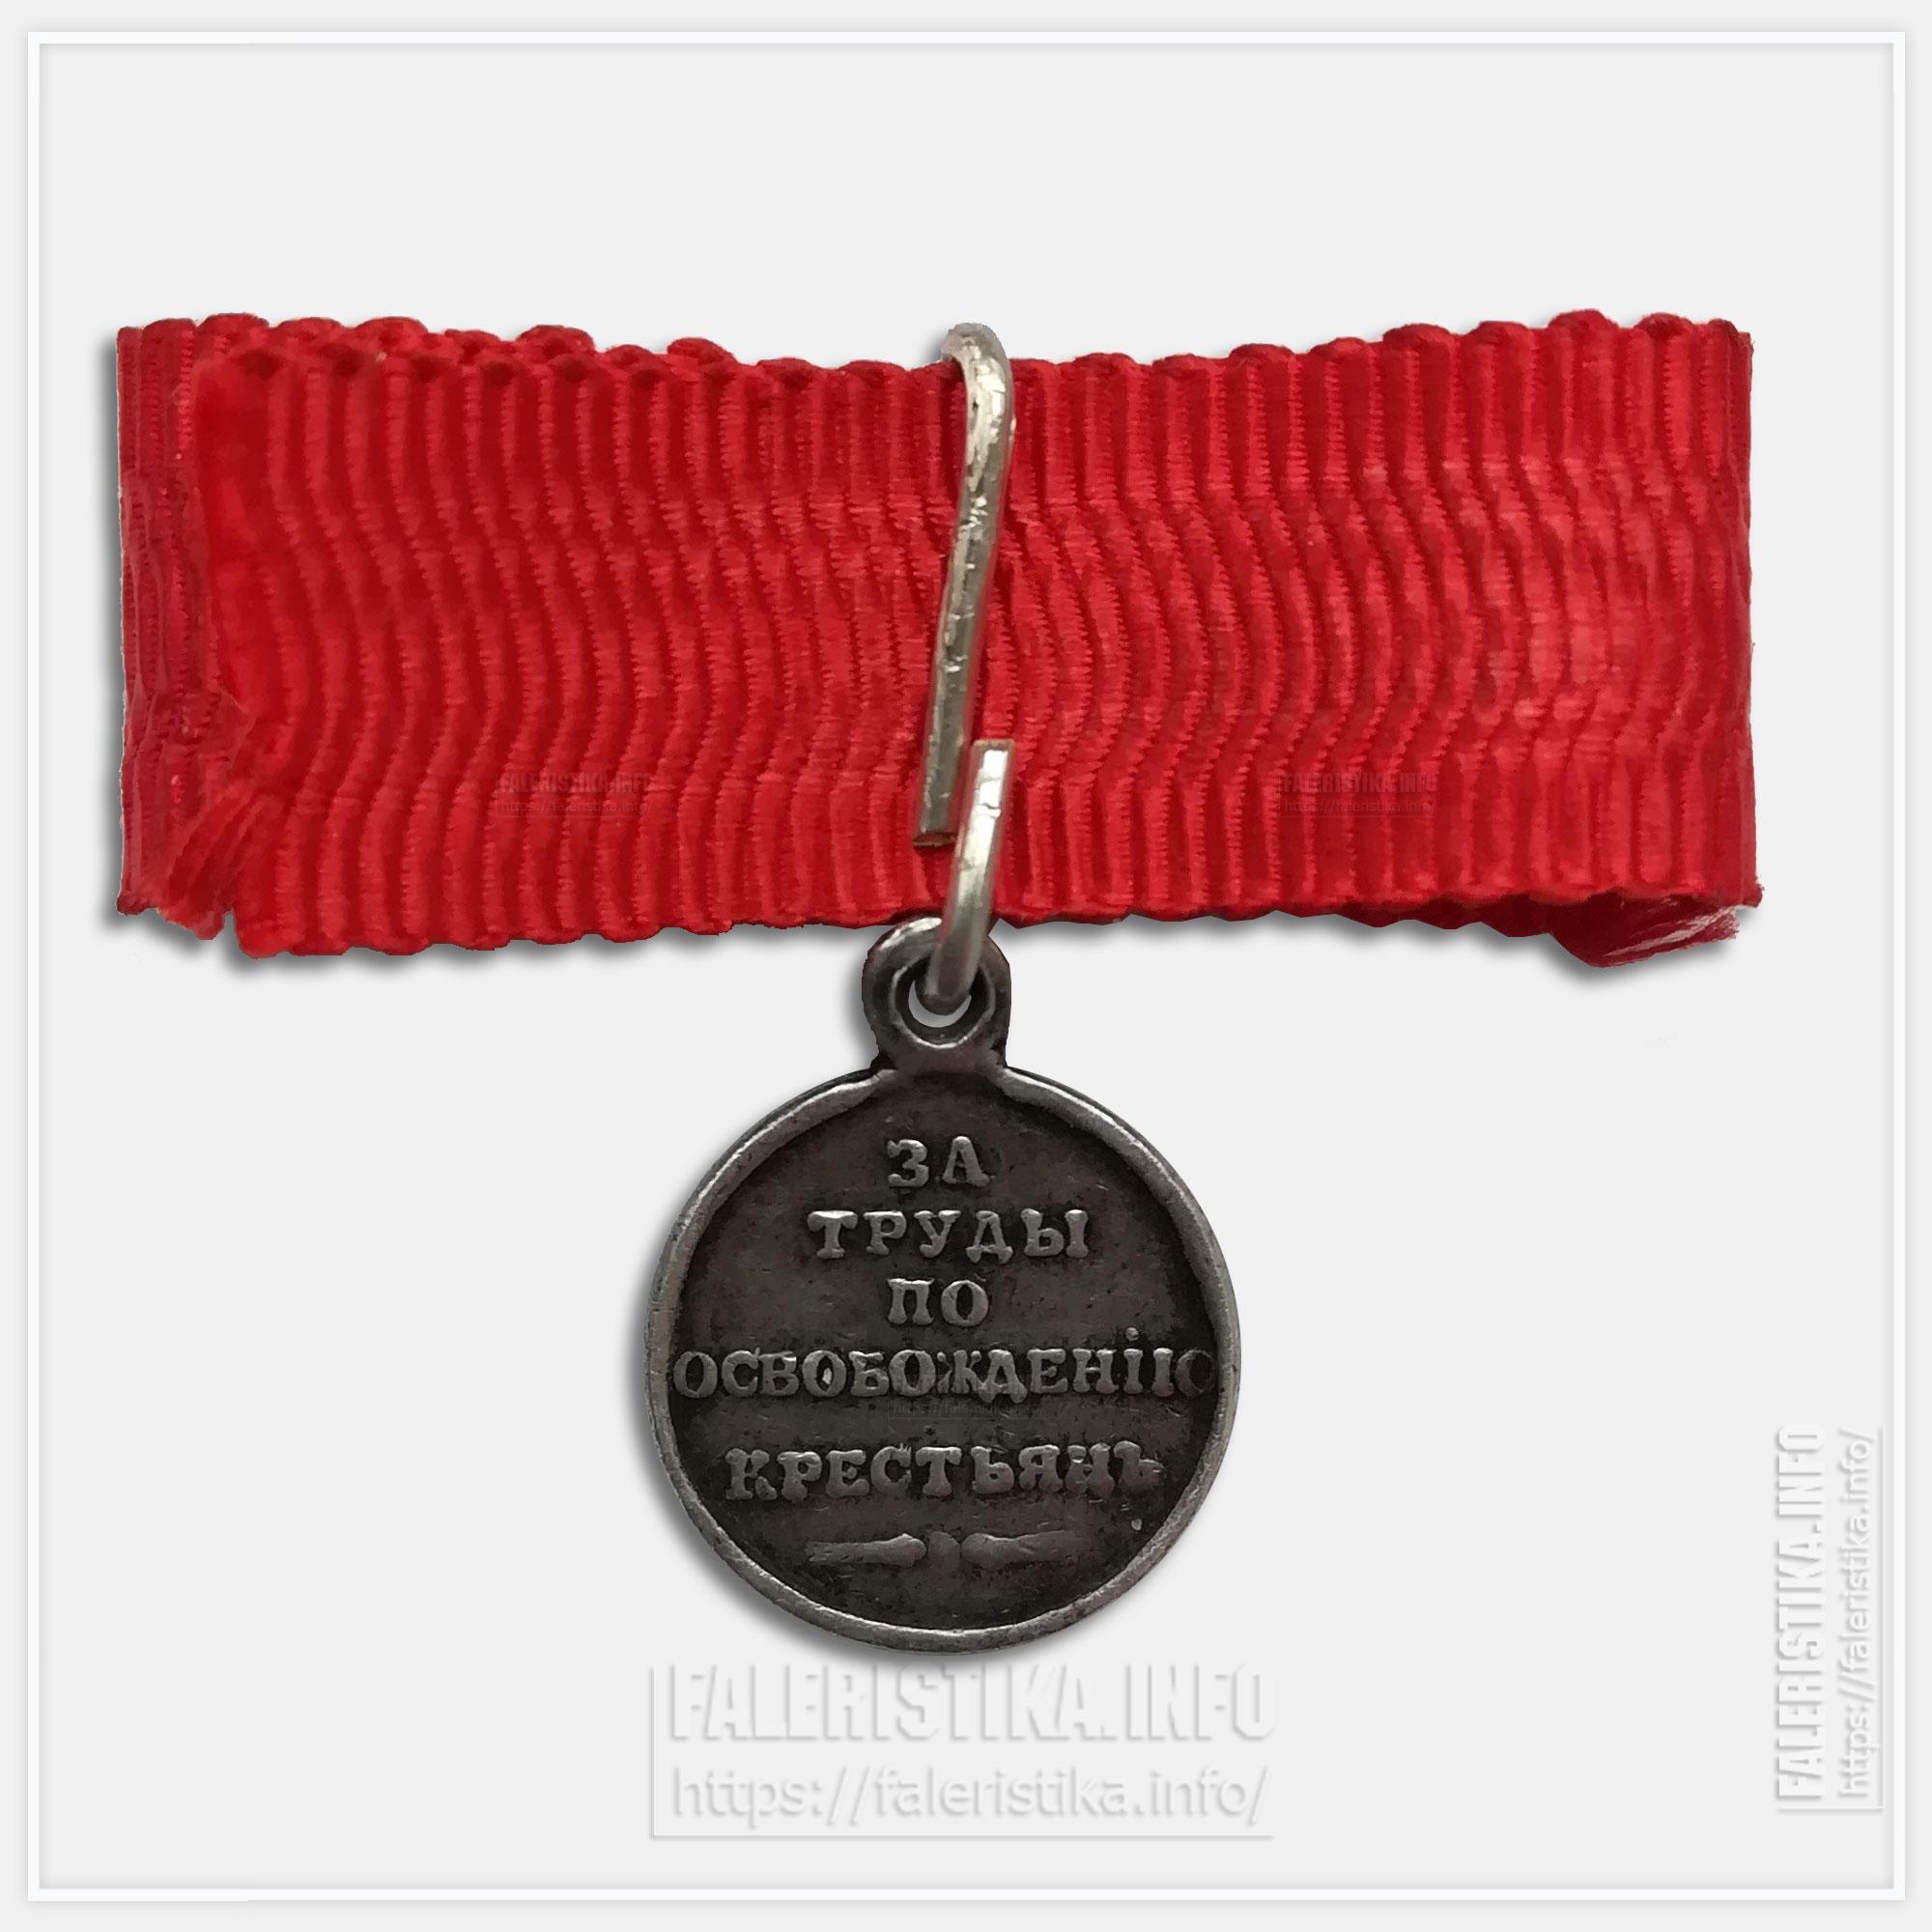 Медаль «За труды по освобождению крестьян»19 февраля 1861 г. (миниатюра)